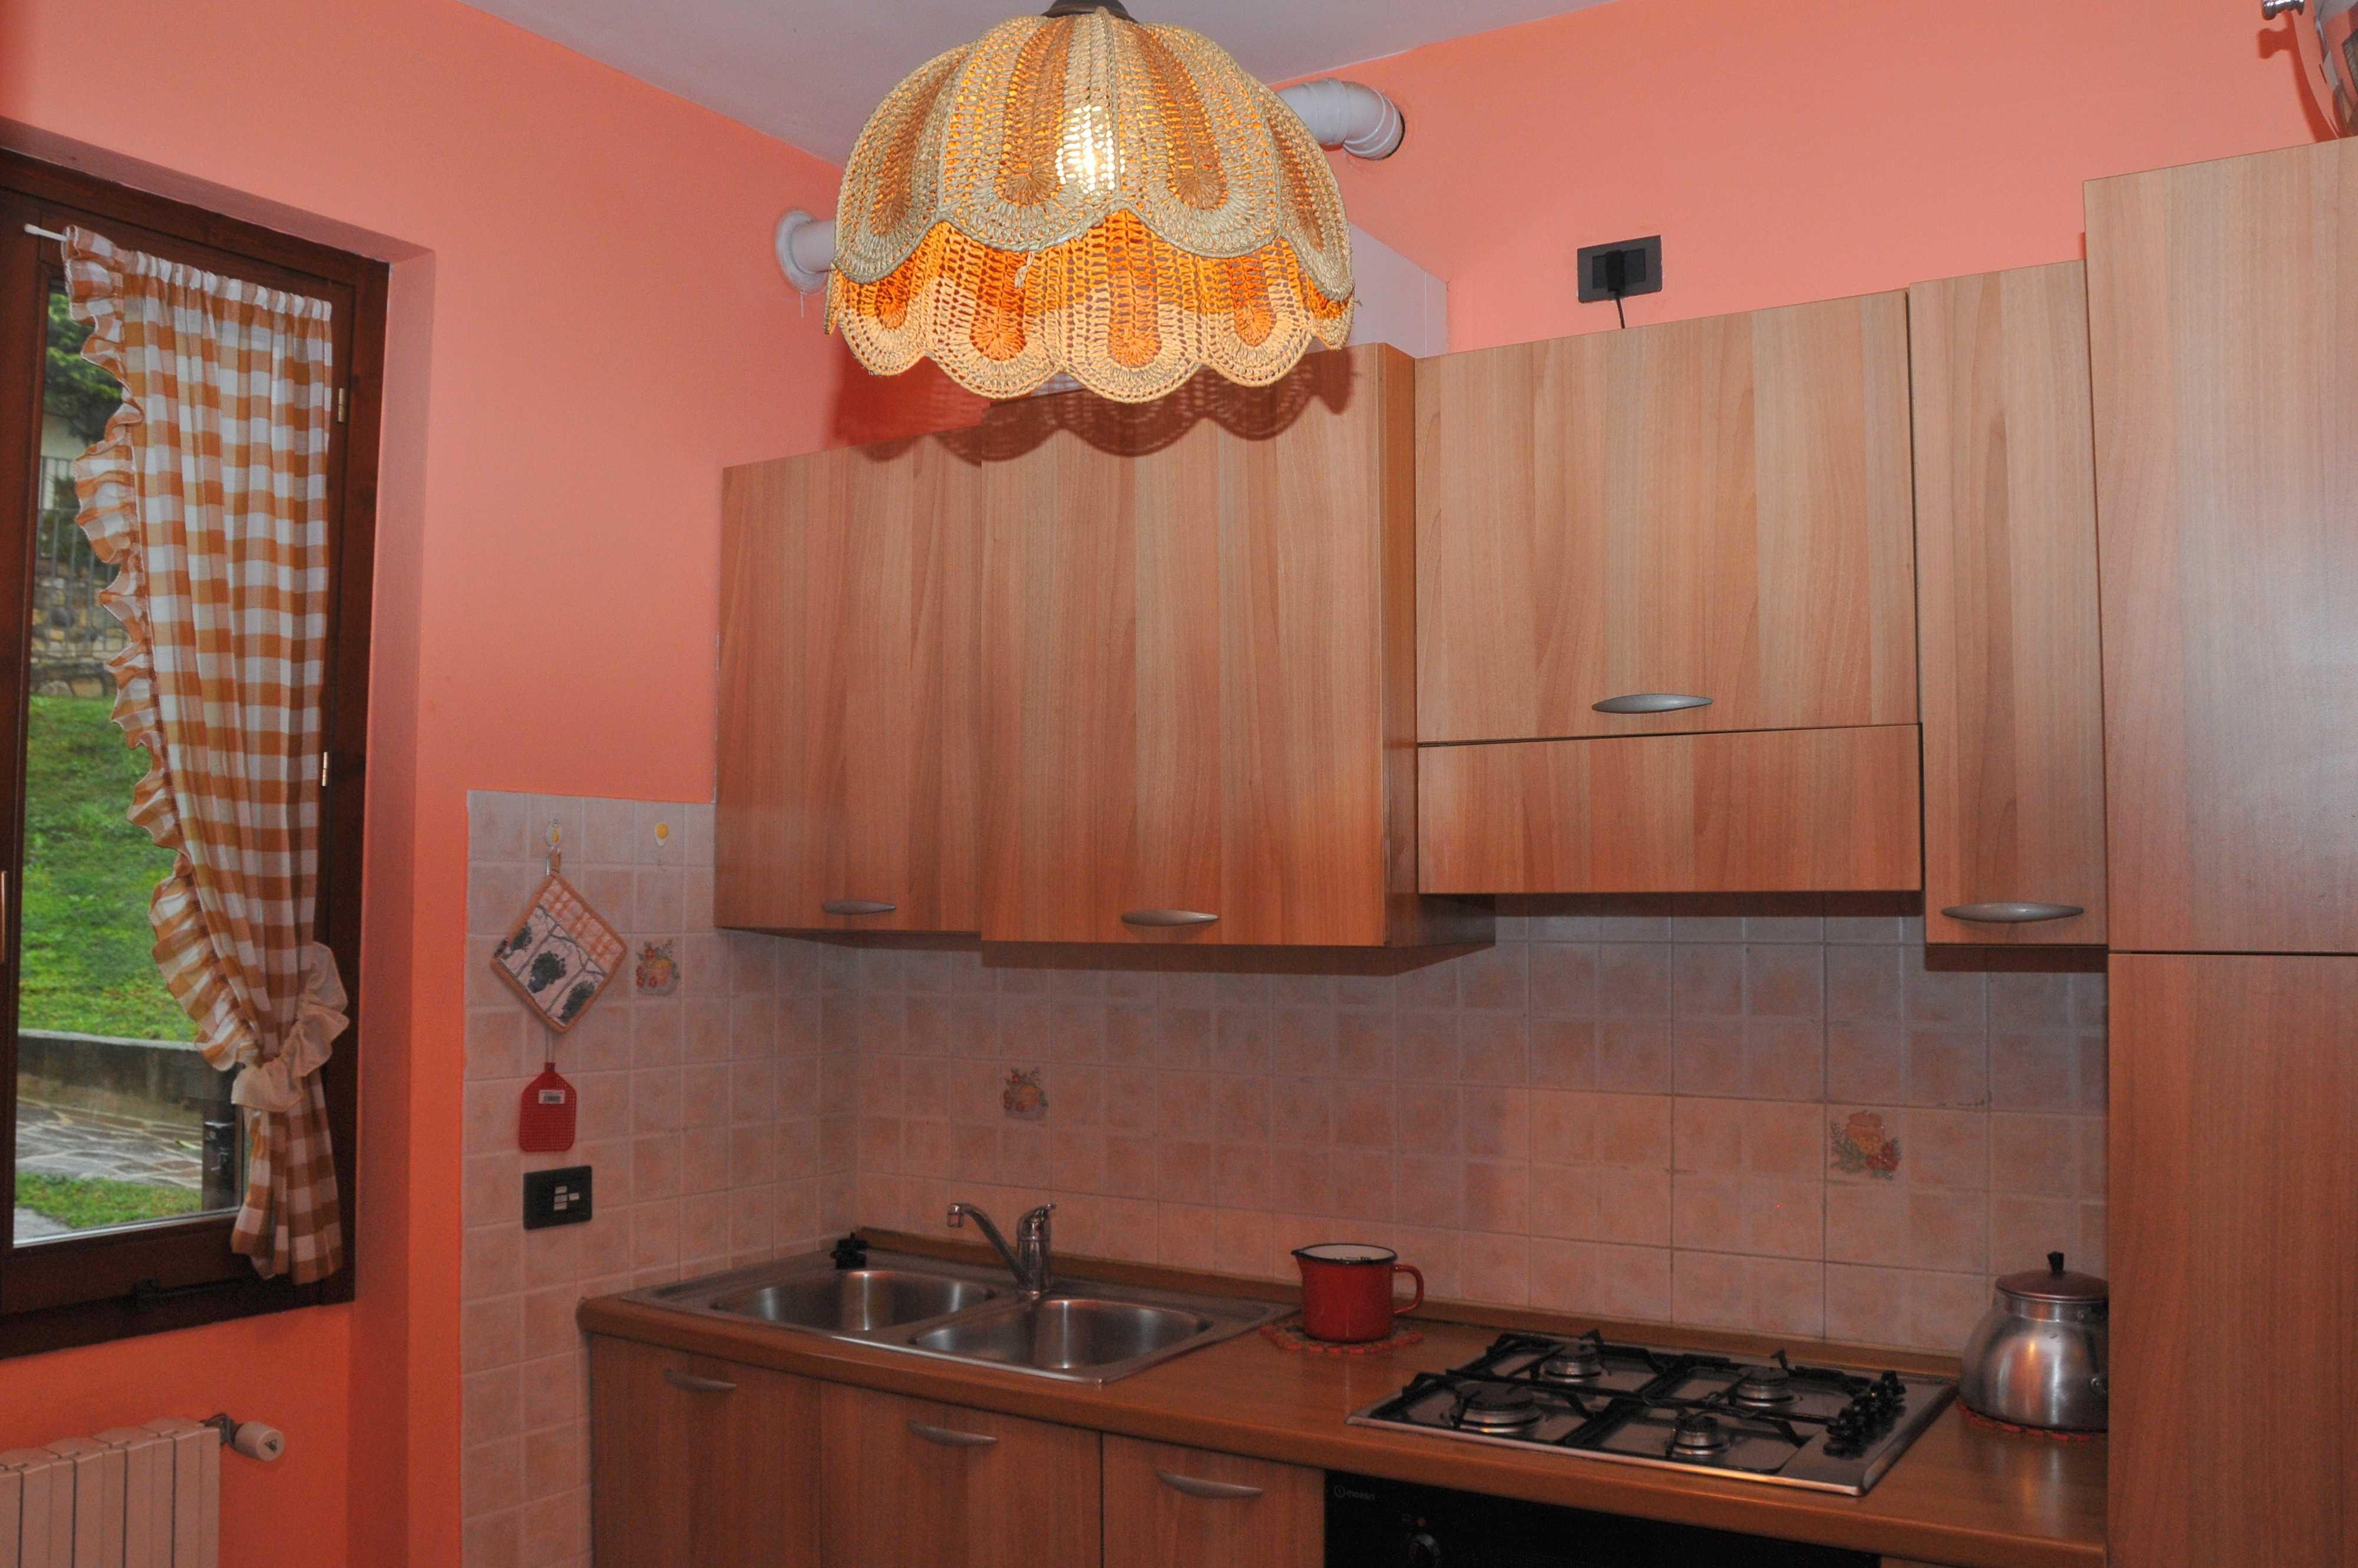 Cucina Casa Flora - lago di Idro - Hotel Alpino